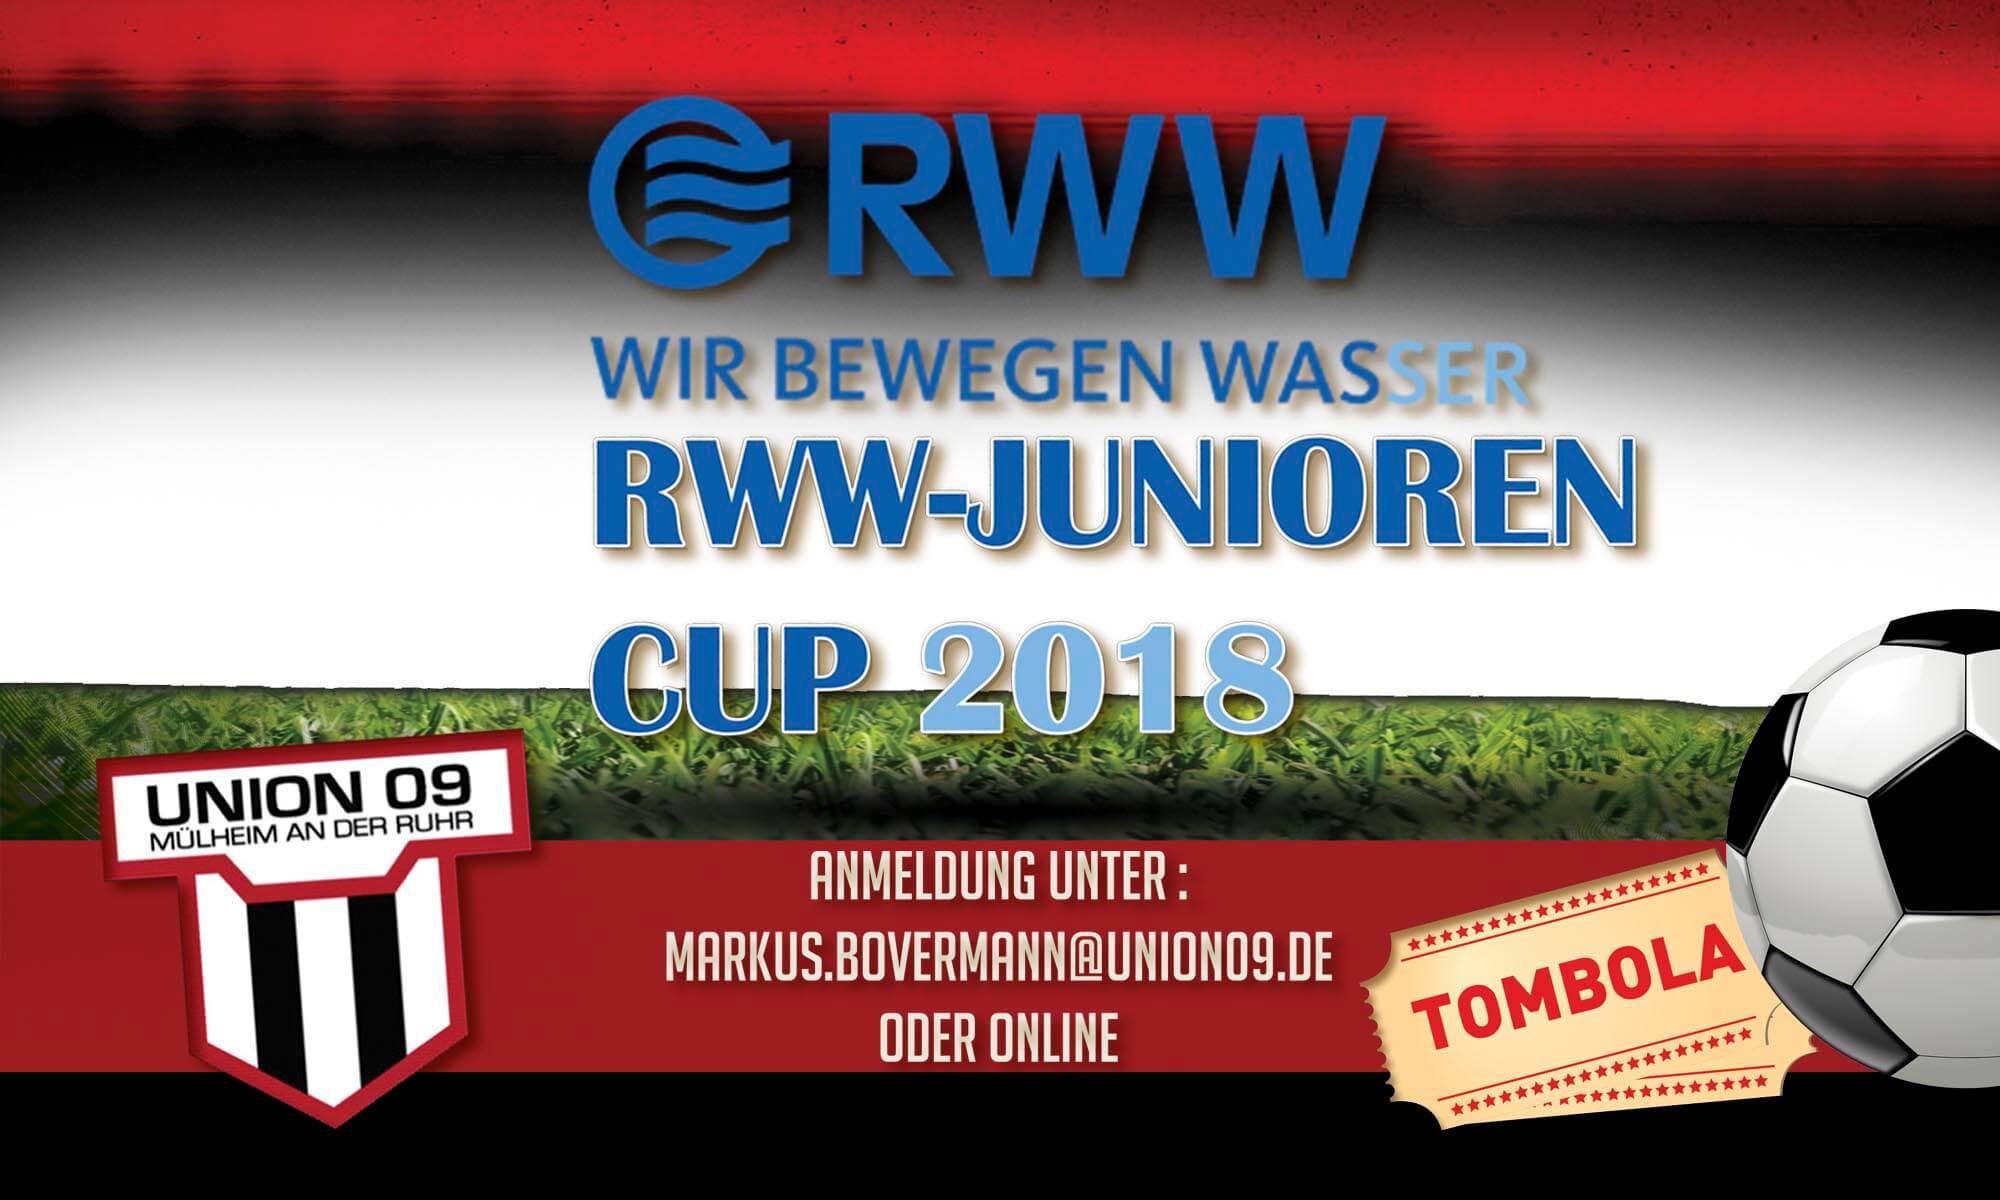 Einladung zum 6. RWW-Junioren-Cup